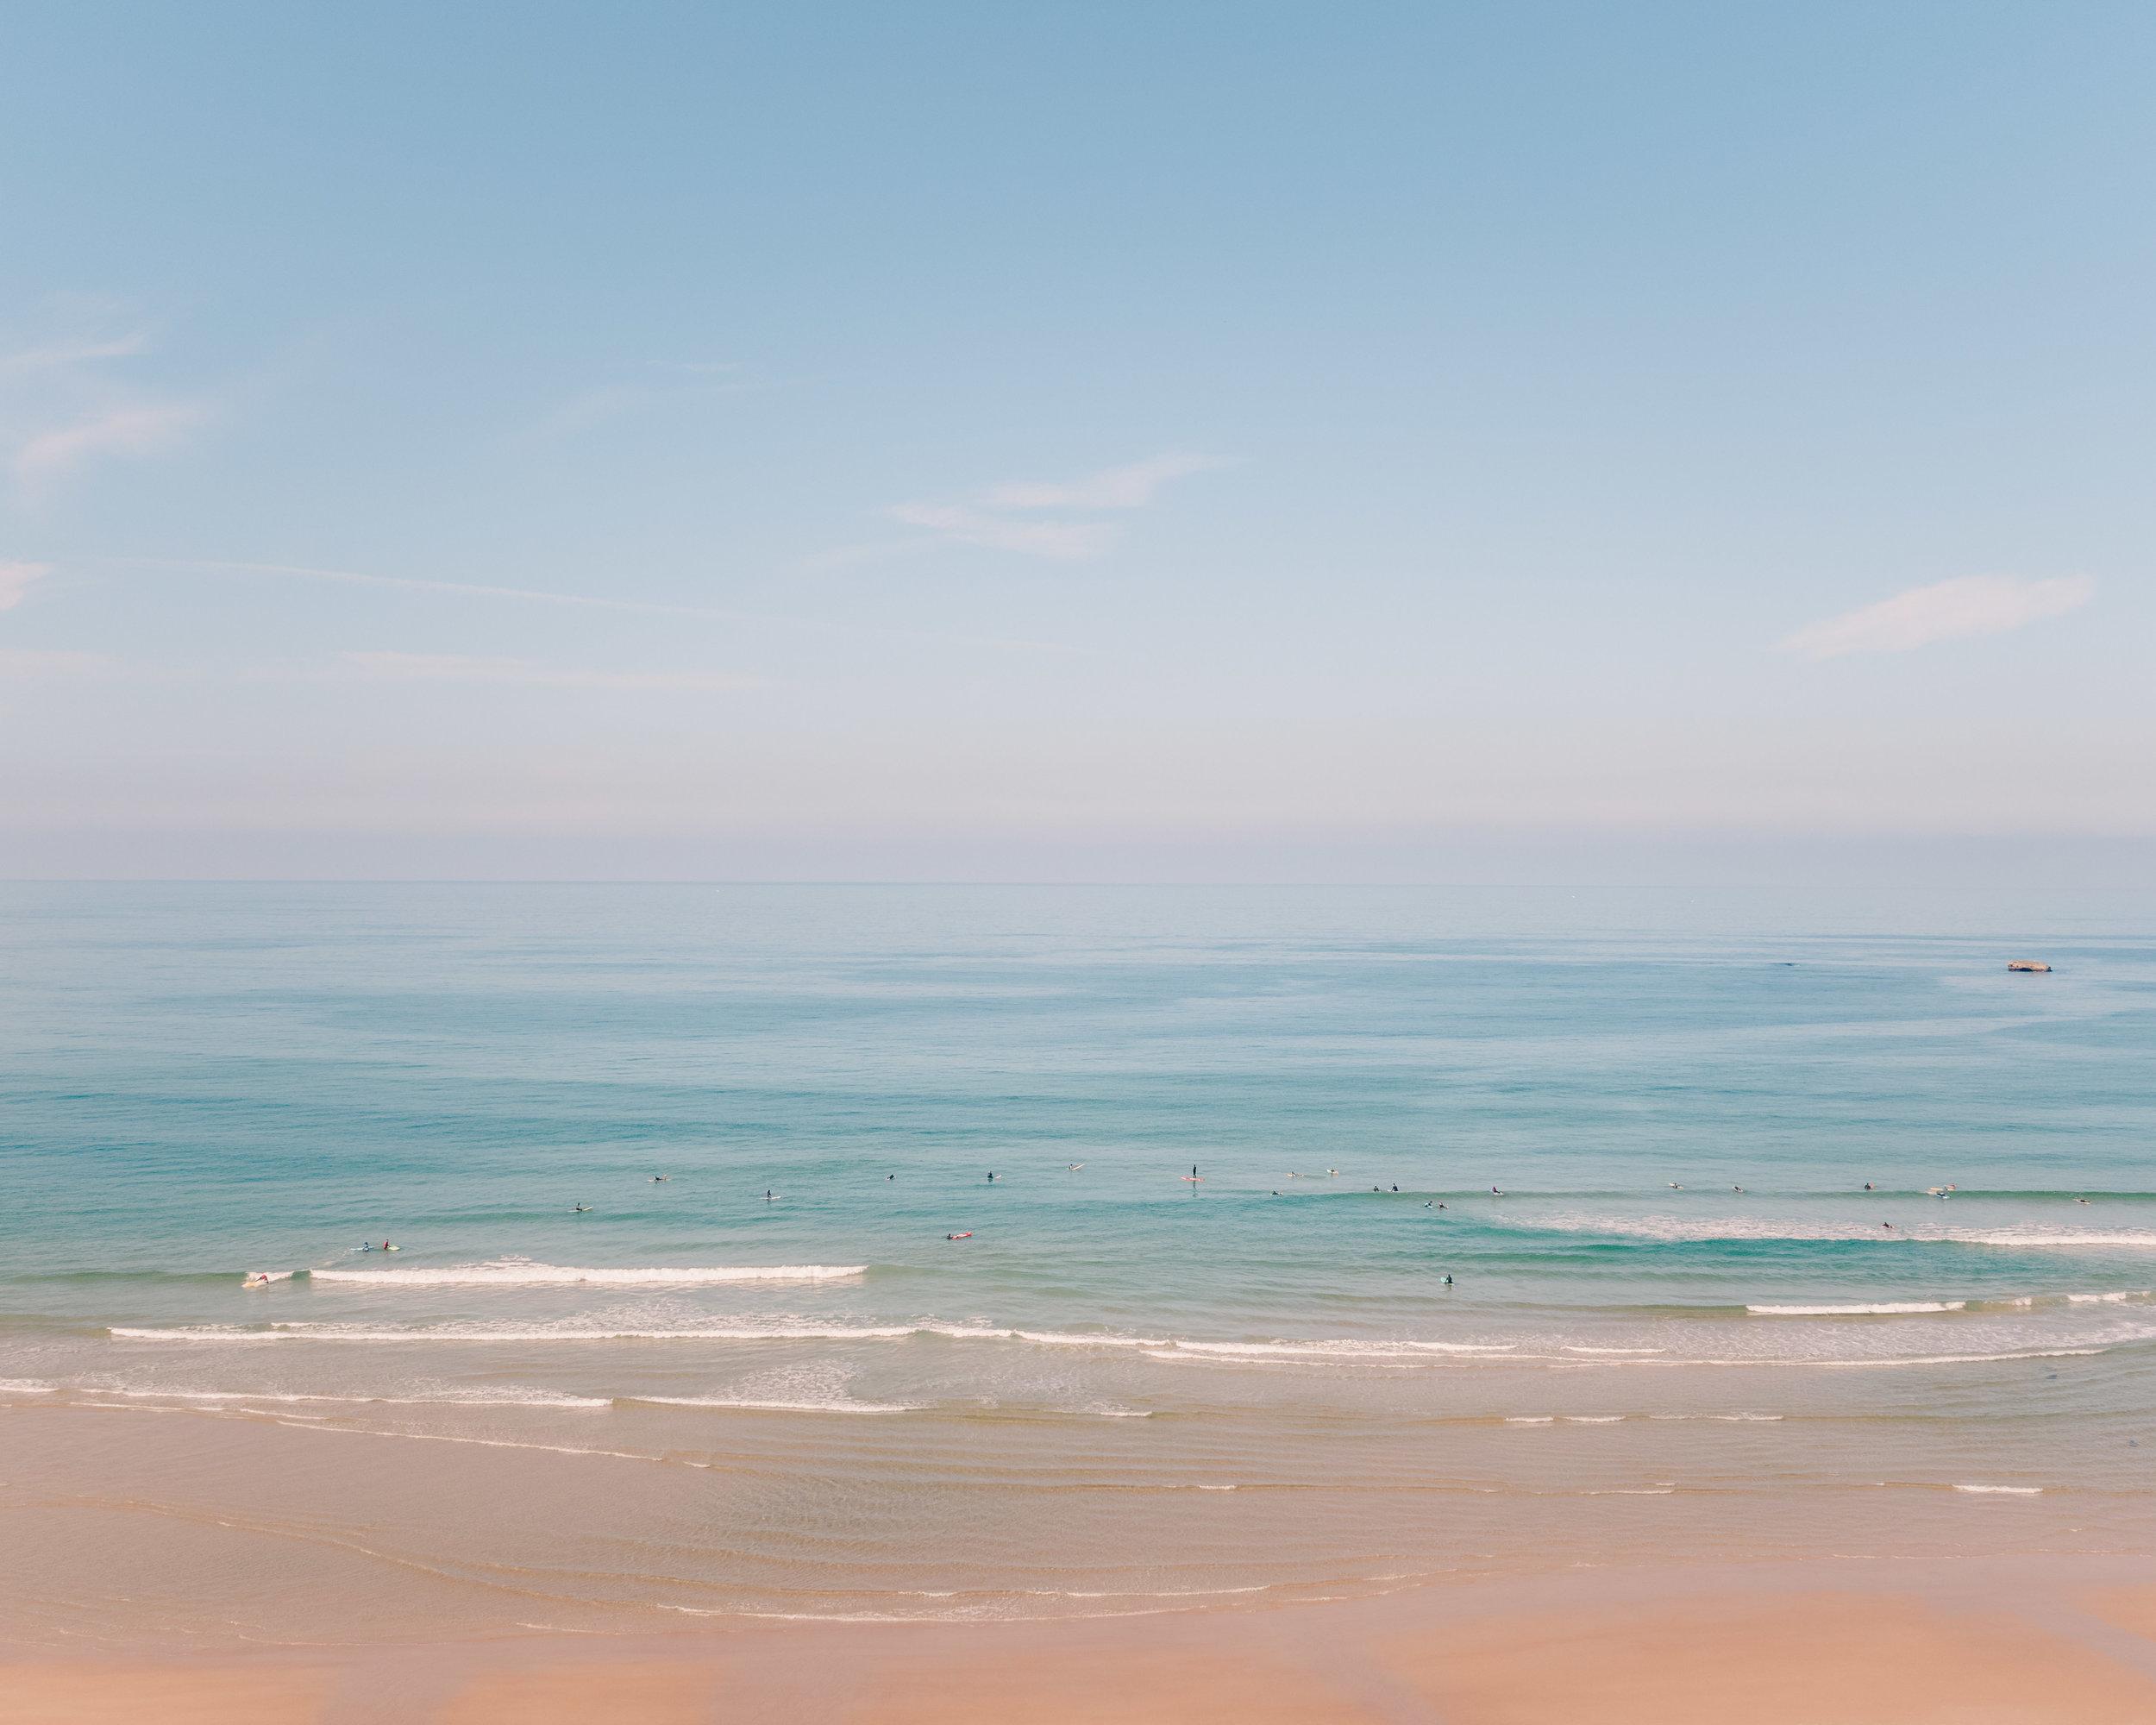 The 'surfing' beach in Biarritz.